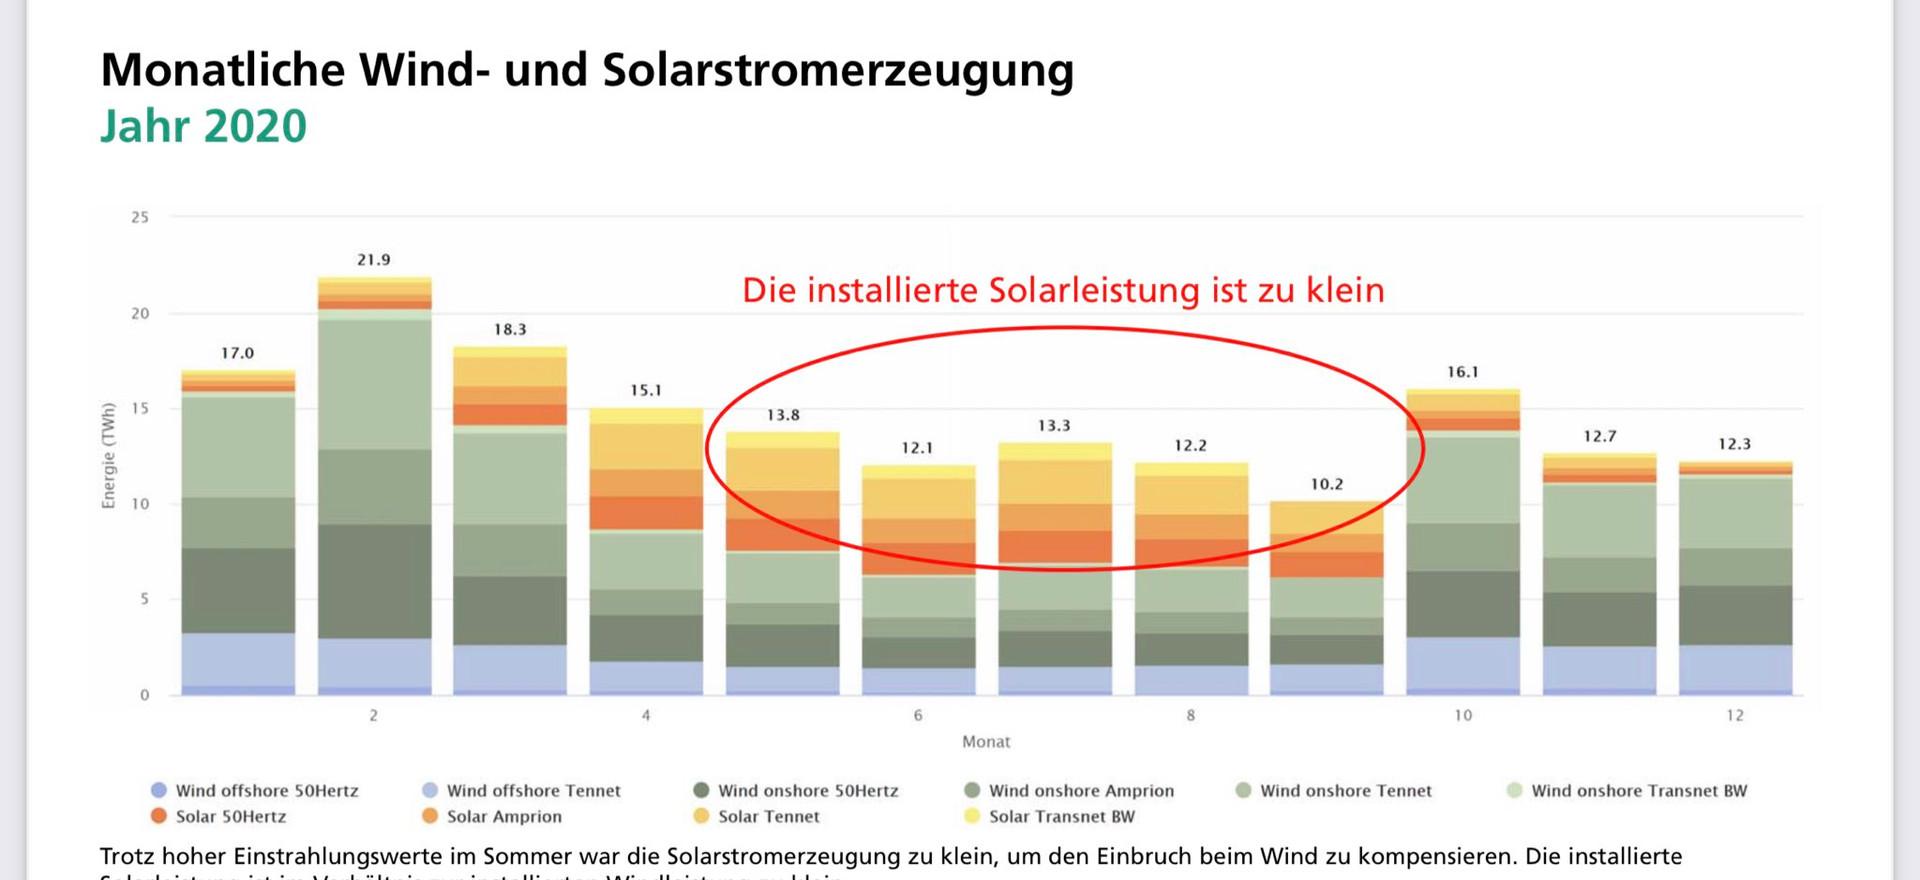 Monatliche Wind-und Solarstromerzeugung 2020